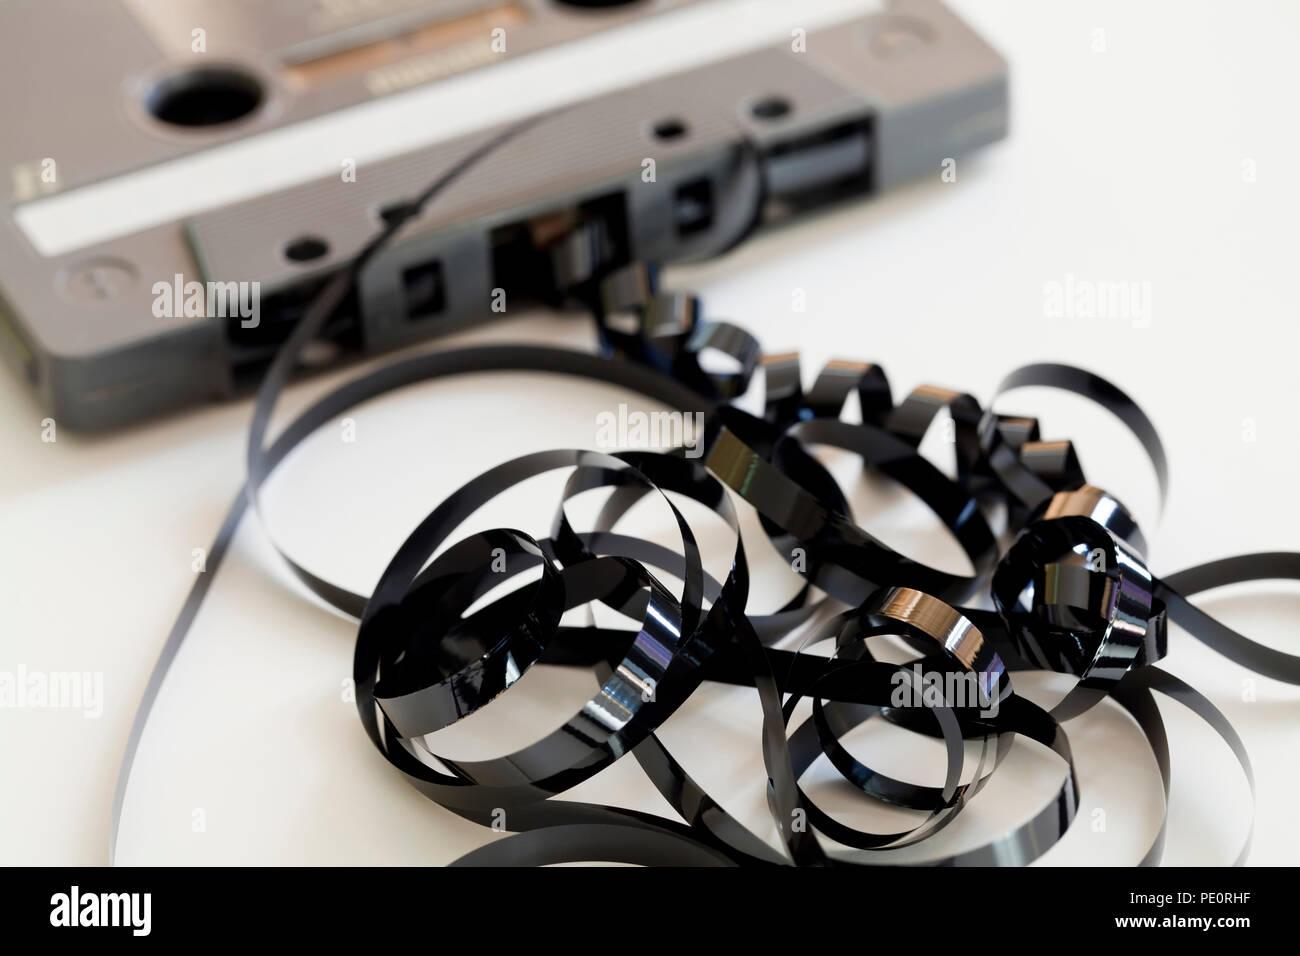 Kompakte Audio Cassette (aka kompakte Kassette, musikkassette) - USA Stockbild